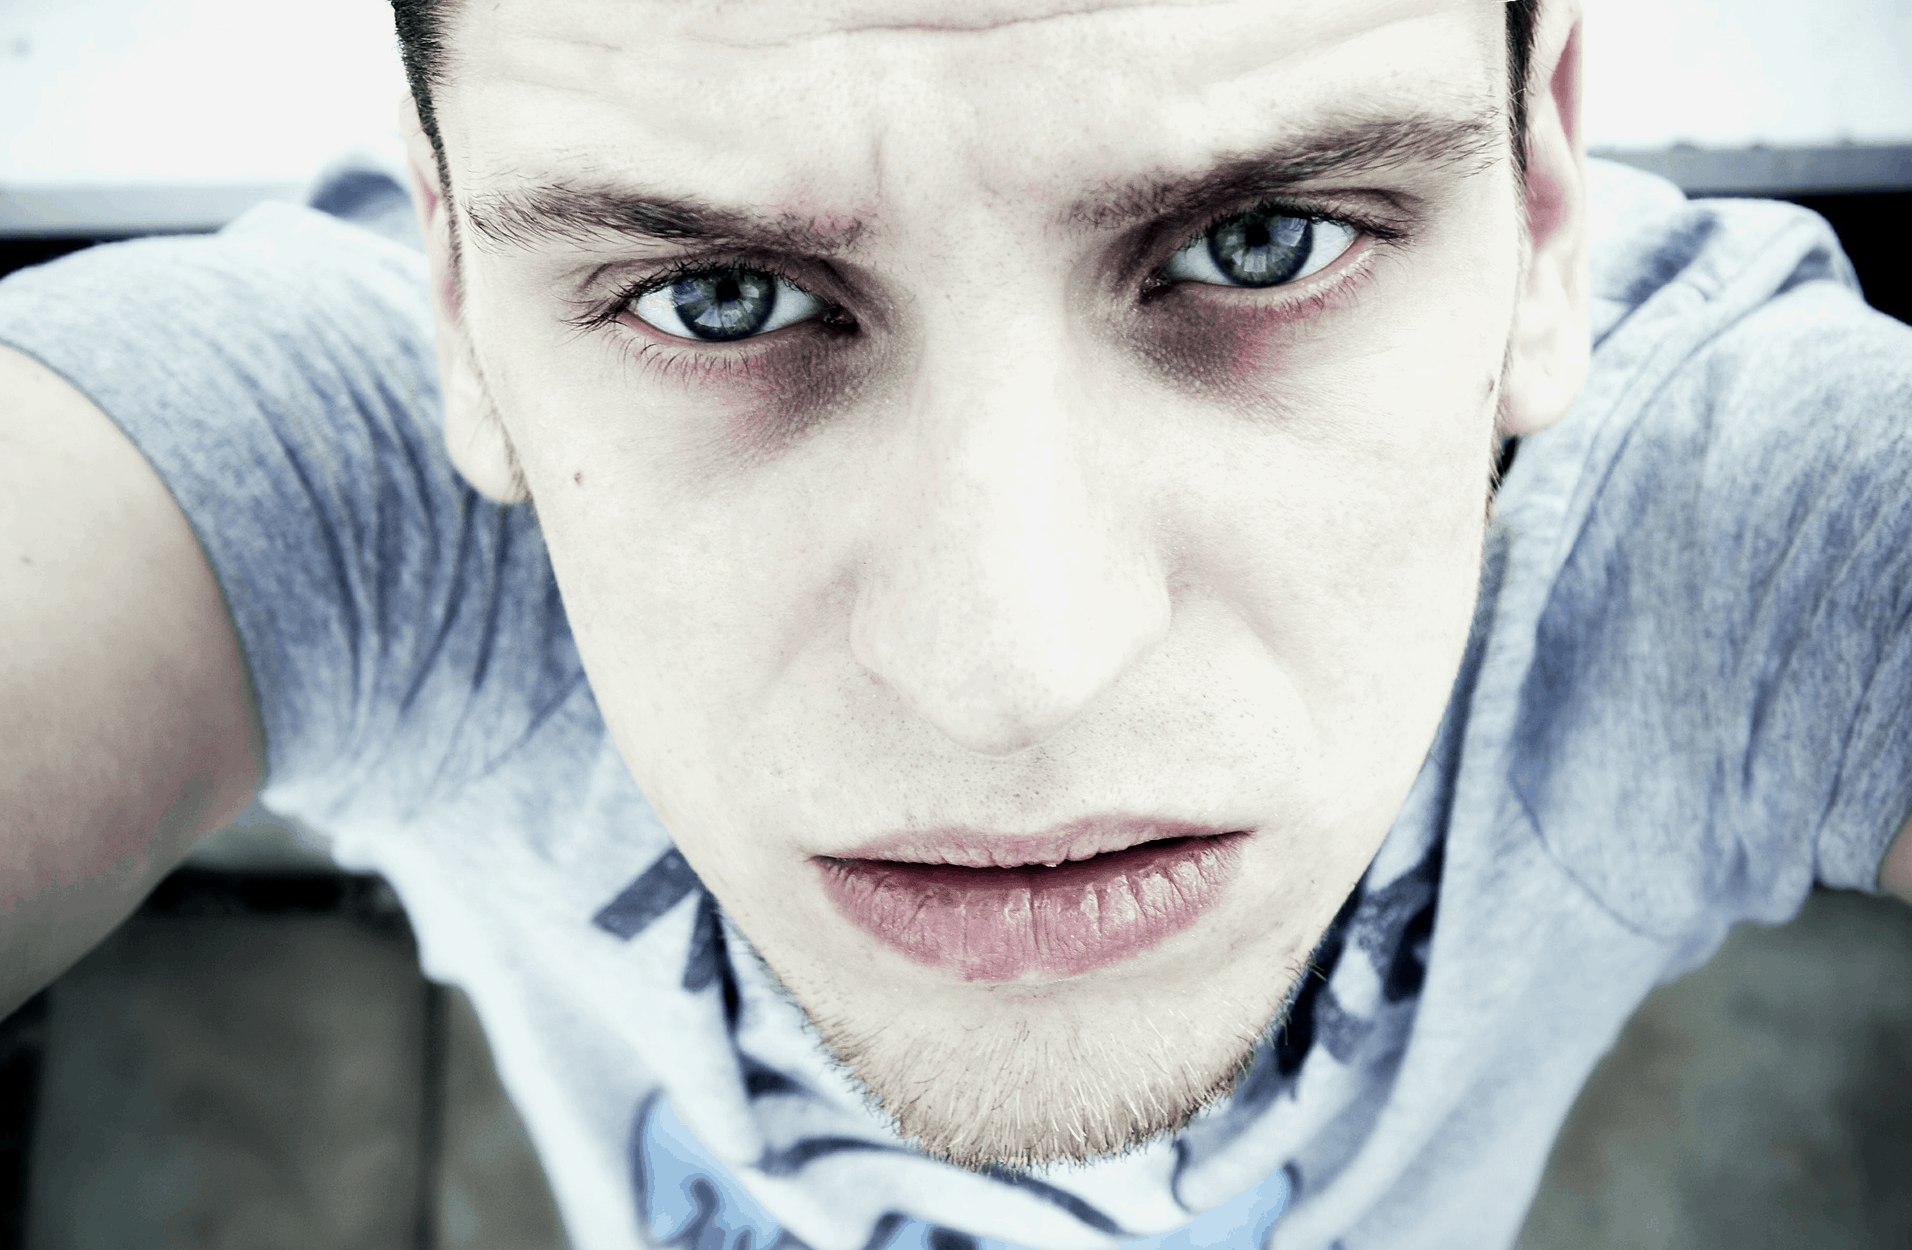 Dunkle Augenringe: Ursachen und Behandlungsmethoden